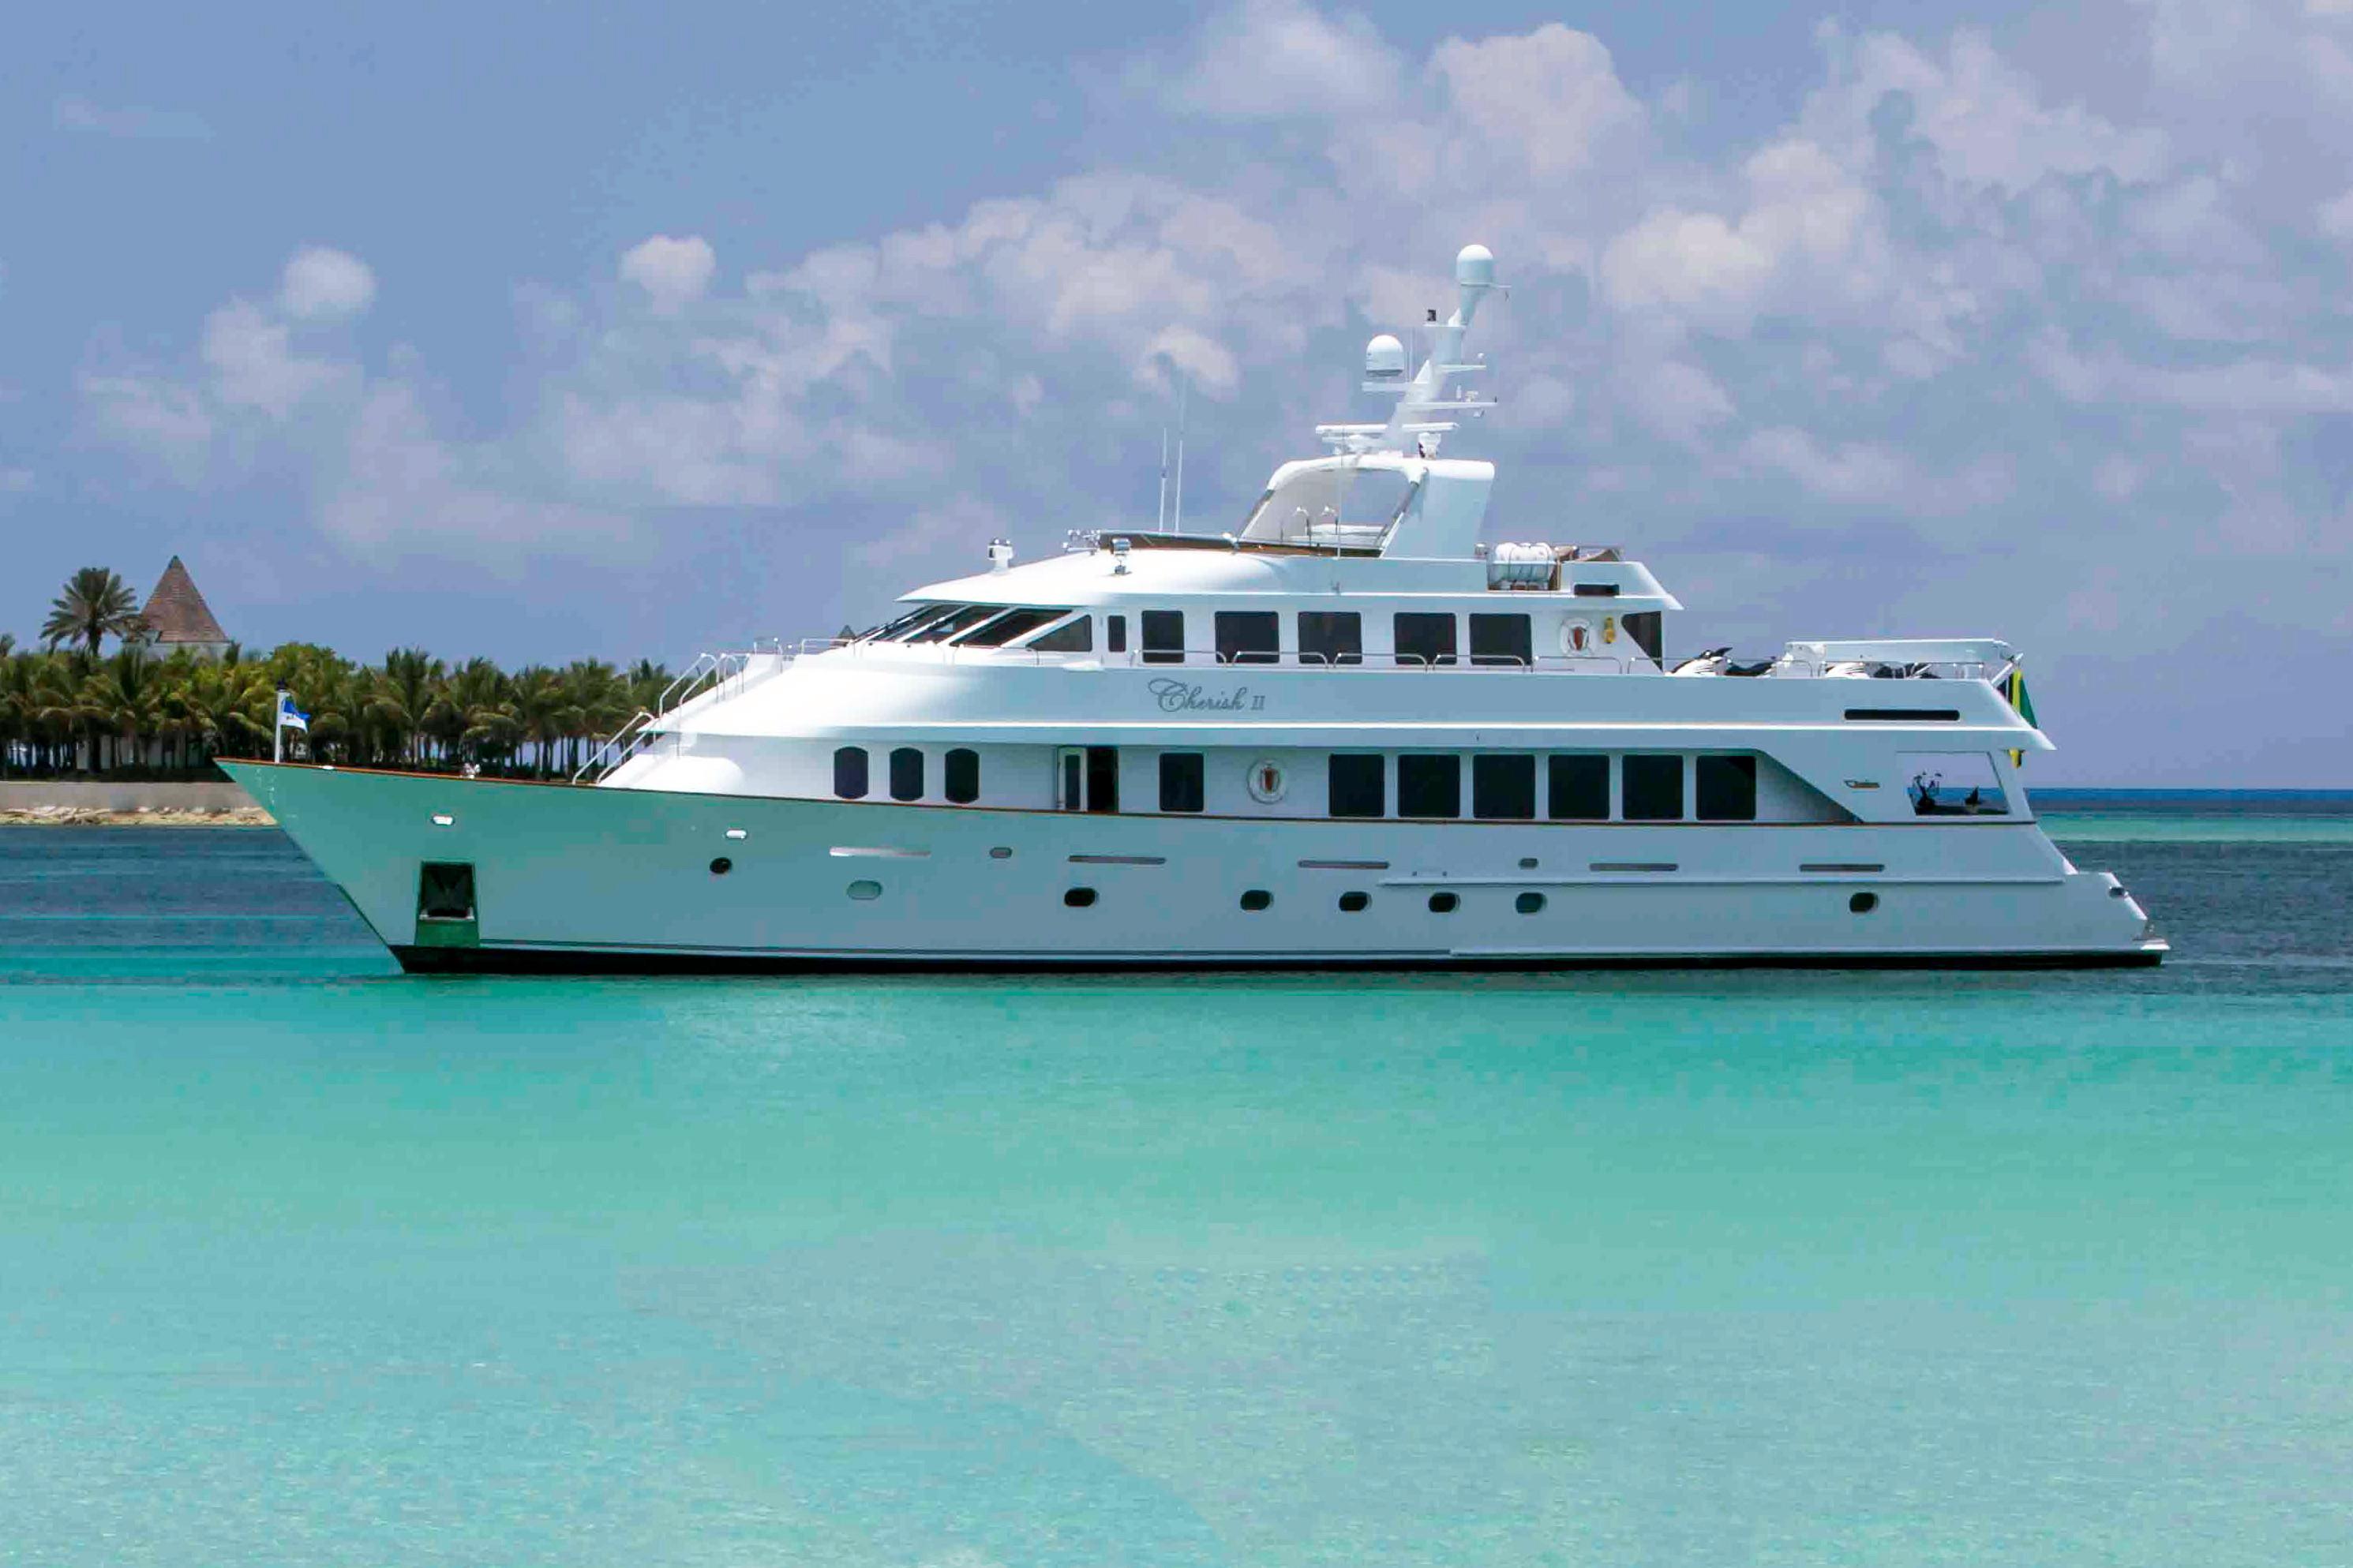 120 Christensen Cherish II 1995 Fort Lauderdale | Denison Yacht Sales